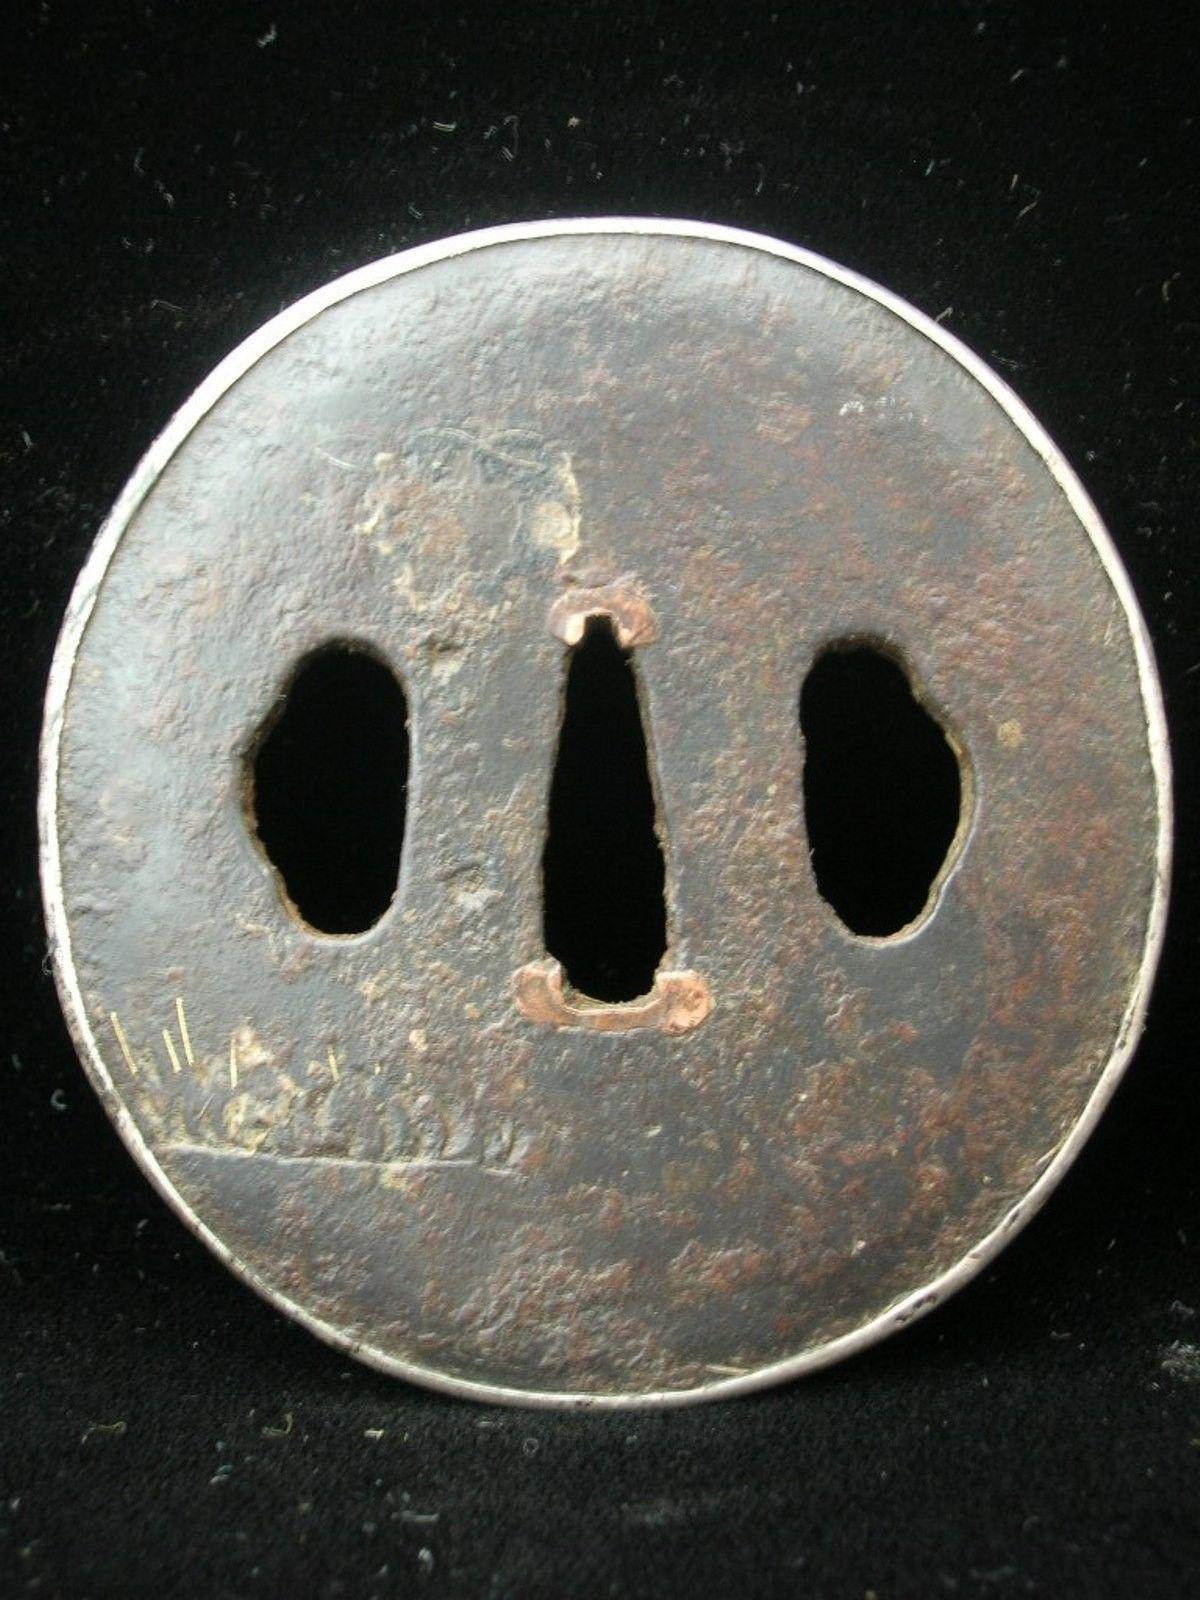 Tsuba- Iron with gold inlay, Edo period- Late 18th Early 19th Century